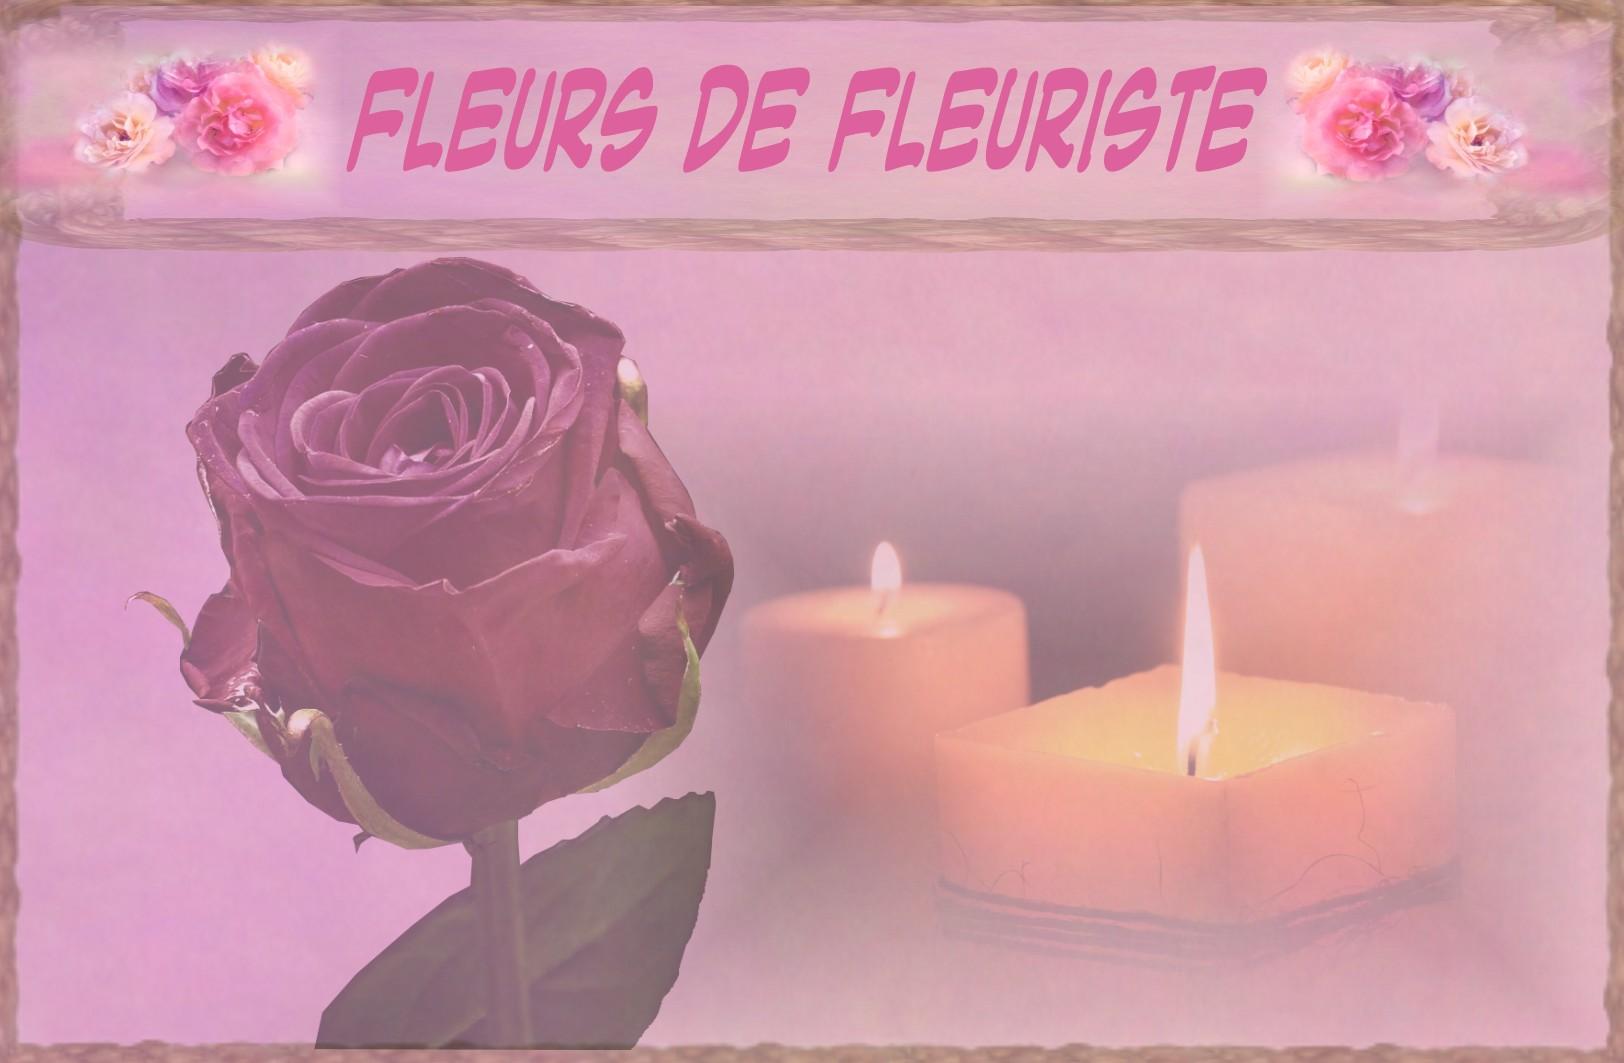 FLEURS DEUIL CRAS 38 - FLEURS OBSÈQUES CRAS 38 - FLEURS ENTERREMENT CRAS 38- ✅FLEURS POUR UN ENTERREMENT A CRAS 38 - ✅LIVRAISON FLEURS POUR OBSÈQUES CRAS 38 - ✅FLEURS POUR CRÉMATION CRAS 38 - ✅LIVRAISON FLEURS DEUIL CRAS 38 - ✅LIVRAISON FLEURS OBSÈQUES CRAS 38 - ✅LIVRAISON FLEURS ENTERREMENT CRAS 38 - ✅LIVRAISON FLEURS DEUIL A L'EGLISE DE CRAS 38 - ✅ENVOYER FLEURS POUR UN DEUIL A CRAS 38 - ✅COMMENT FAIRE LIVRER DES FLEURS DEUIL A CRAS 38 - ✅ ENVOI FLEURS ENTERREMENT CRAS 38 - ✅ FAIRE LIVRER FLEURS DEUIL AU CIMETIÈRE CRAS 38 - ✅ FLEURS DEUIL EGLISE CRAS 38 - ✅ ENVOI FLEURS CIMETIÈRE A CRAS 38 - ✅LIVRAISON DE FLEURS POUR UN DEUIL A CRAS 38 - ✅ENVOI FLEURS DEUIL CRAS 38 - ✅ENVOI FLEURS OBSÈQUES CRAS 38 - ✅ENVOYER FLEURS DEUIL CRAS 38 - ✅FAIRE LIVRER FLEURS POUR UN DEUIL A CRAS 38 - ✅FLEURS ENTERREMENT CRAS 38.